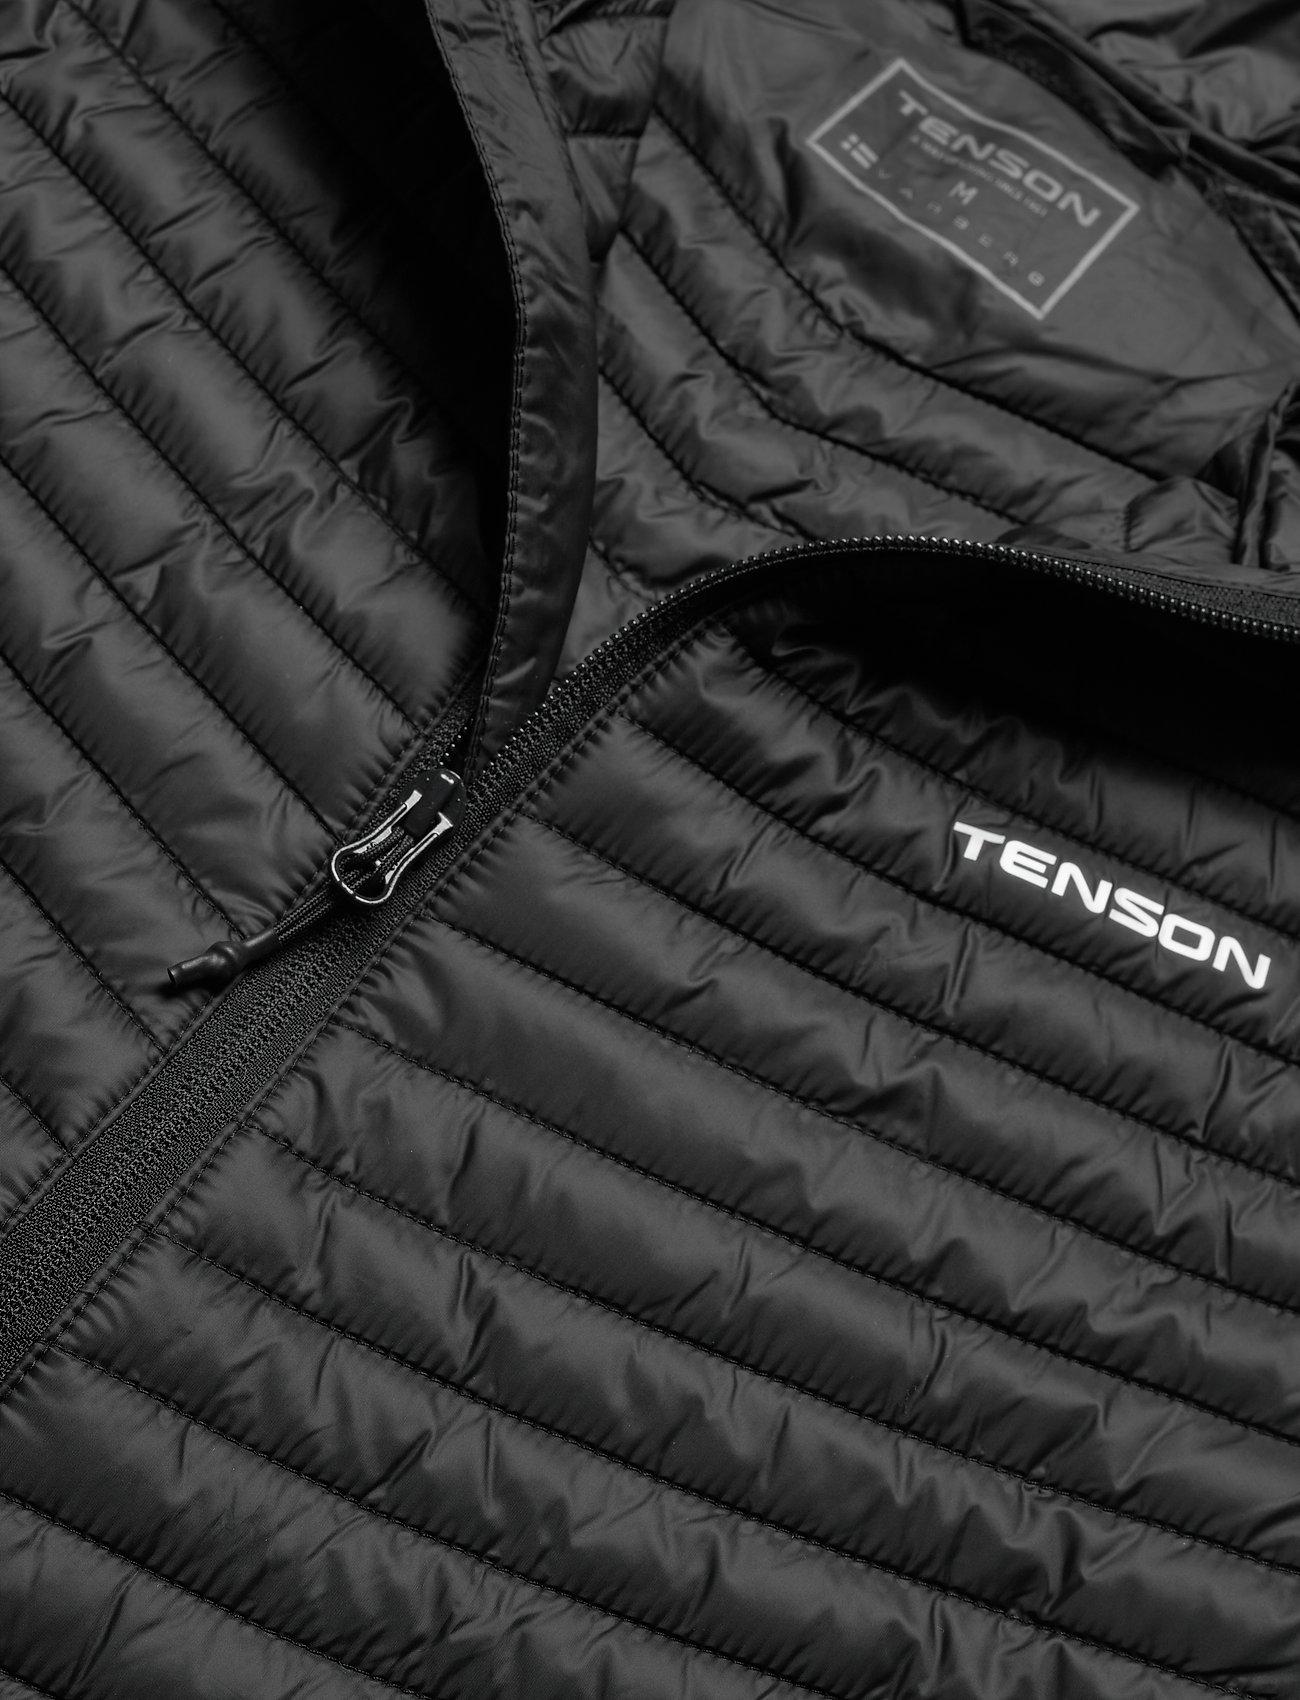 Tenson Jackson - Jakker og frakker BLACK - Menn Klær